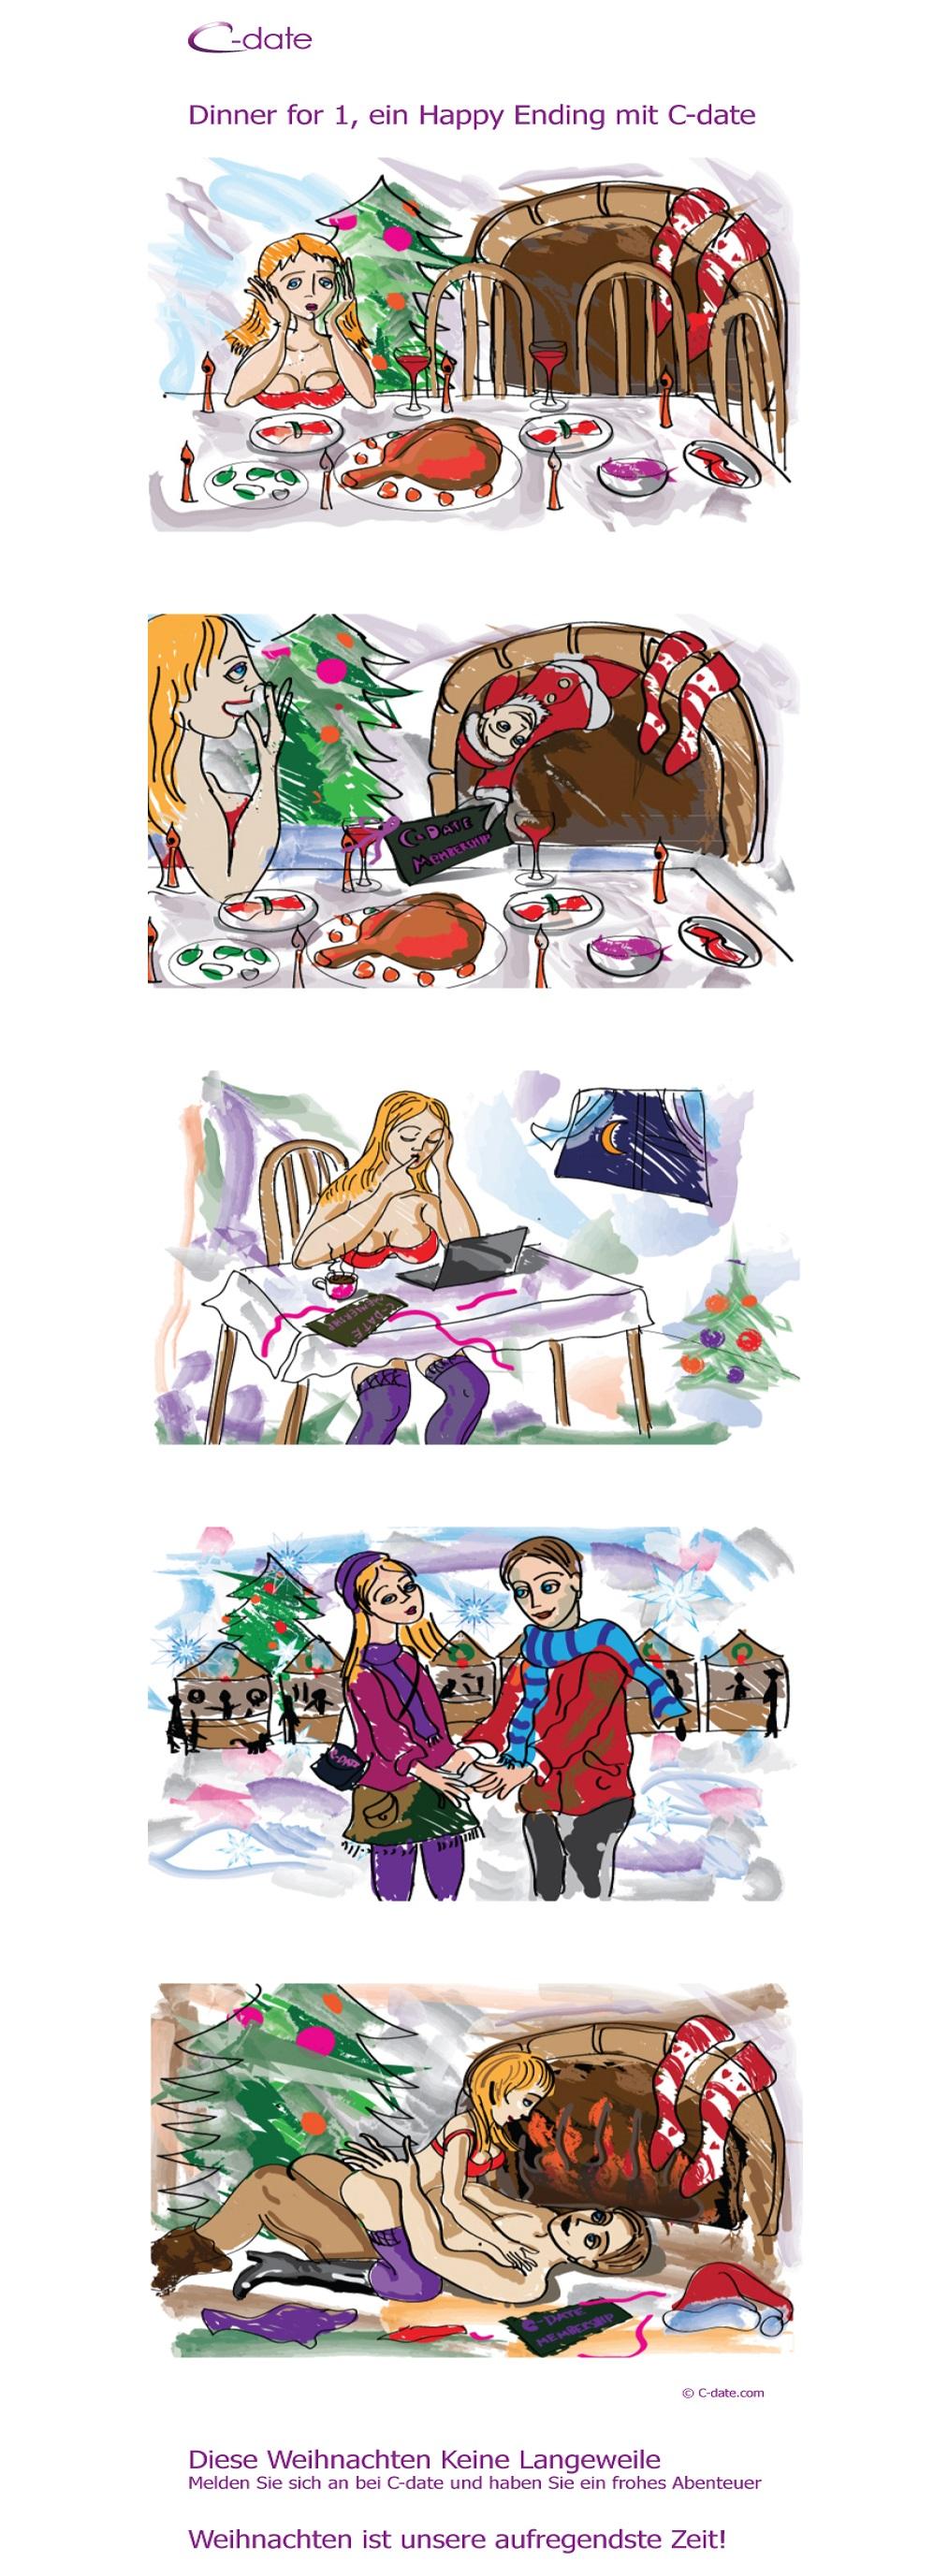 Europa-247.de - Europa Infos & Europa Tipps | Was Frauen sich an Weihnachten und Neujahr wirklich wünschen